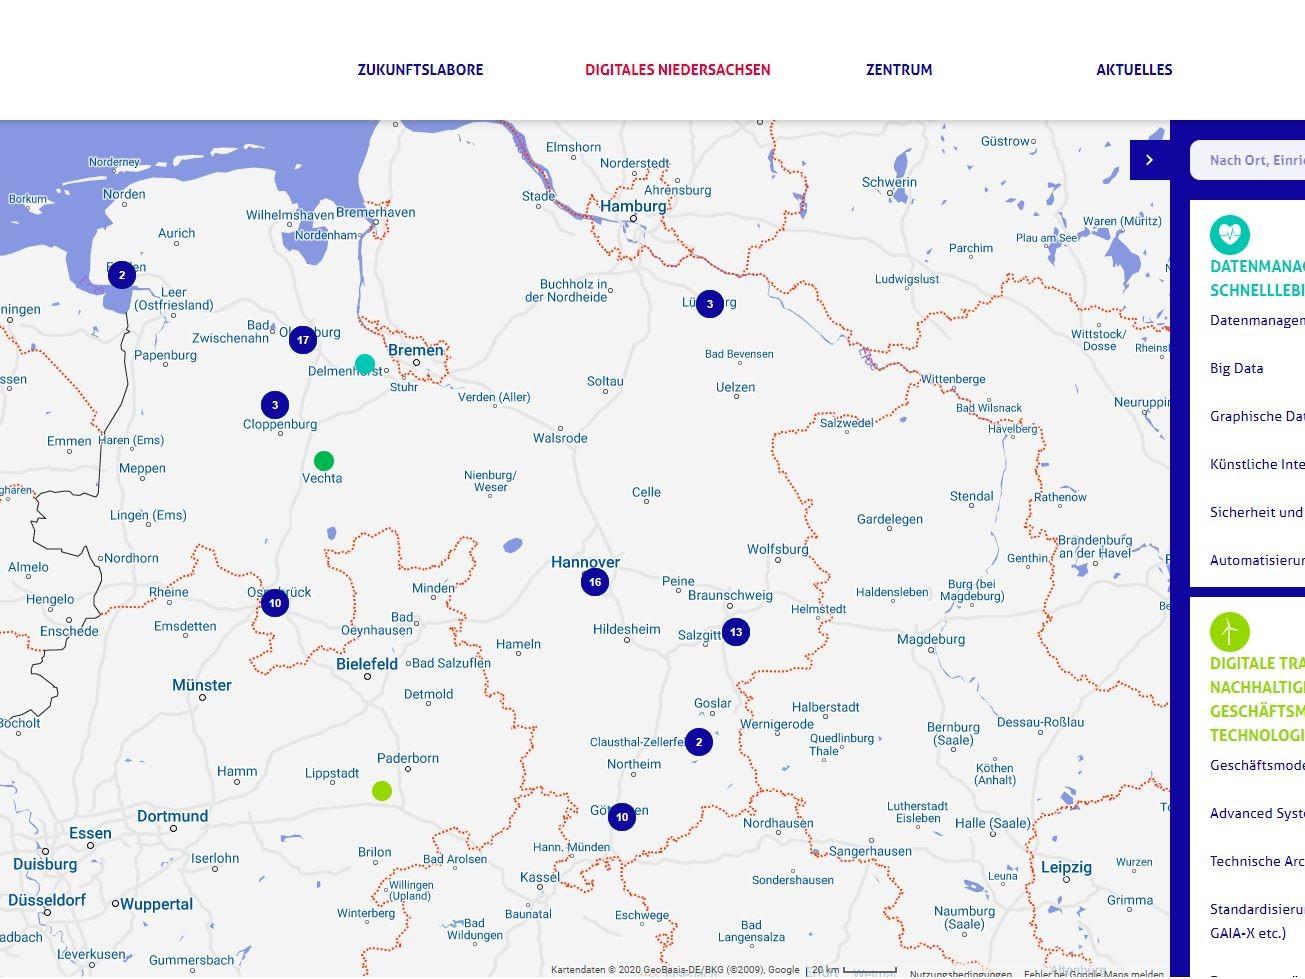 Screenshot der Forschungslandkarte des ZDIN